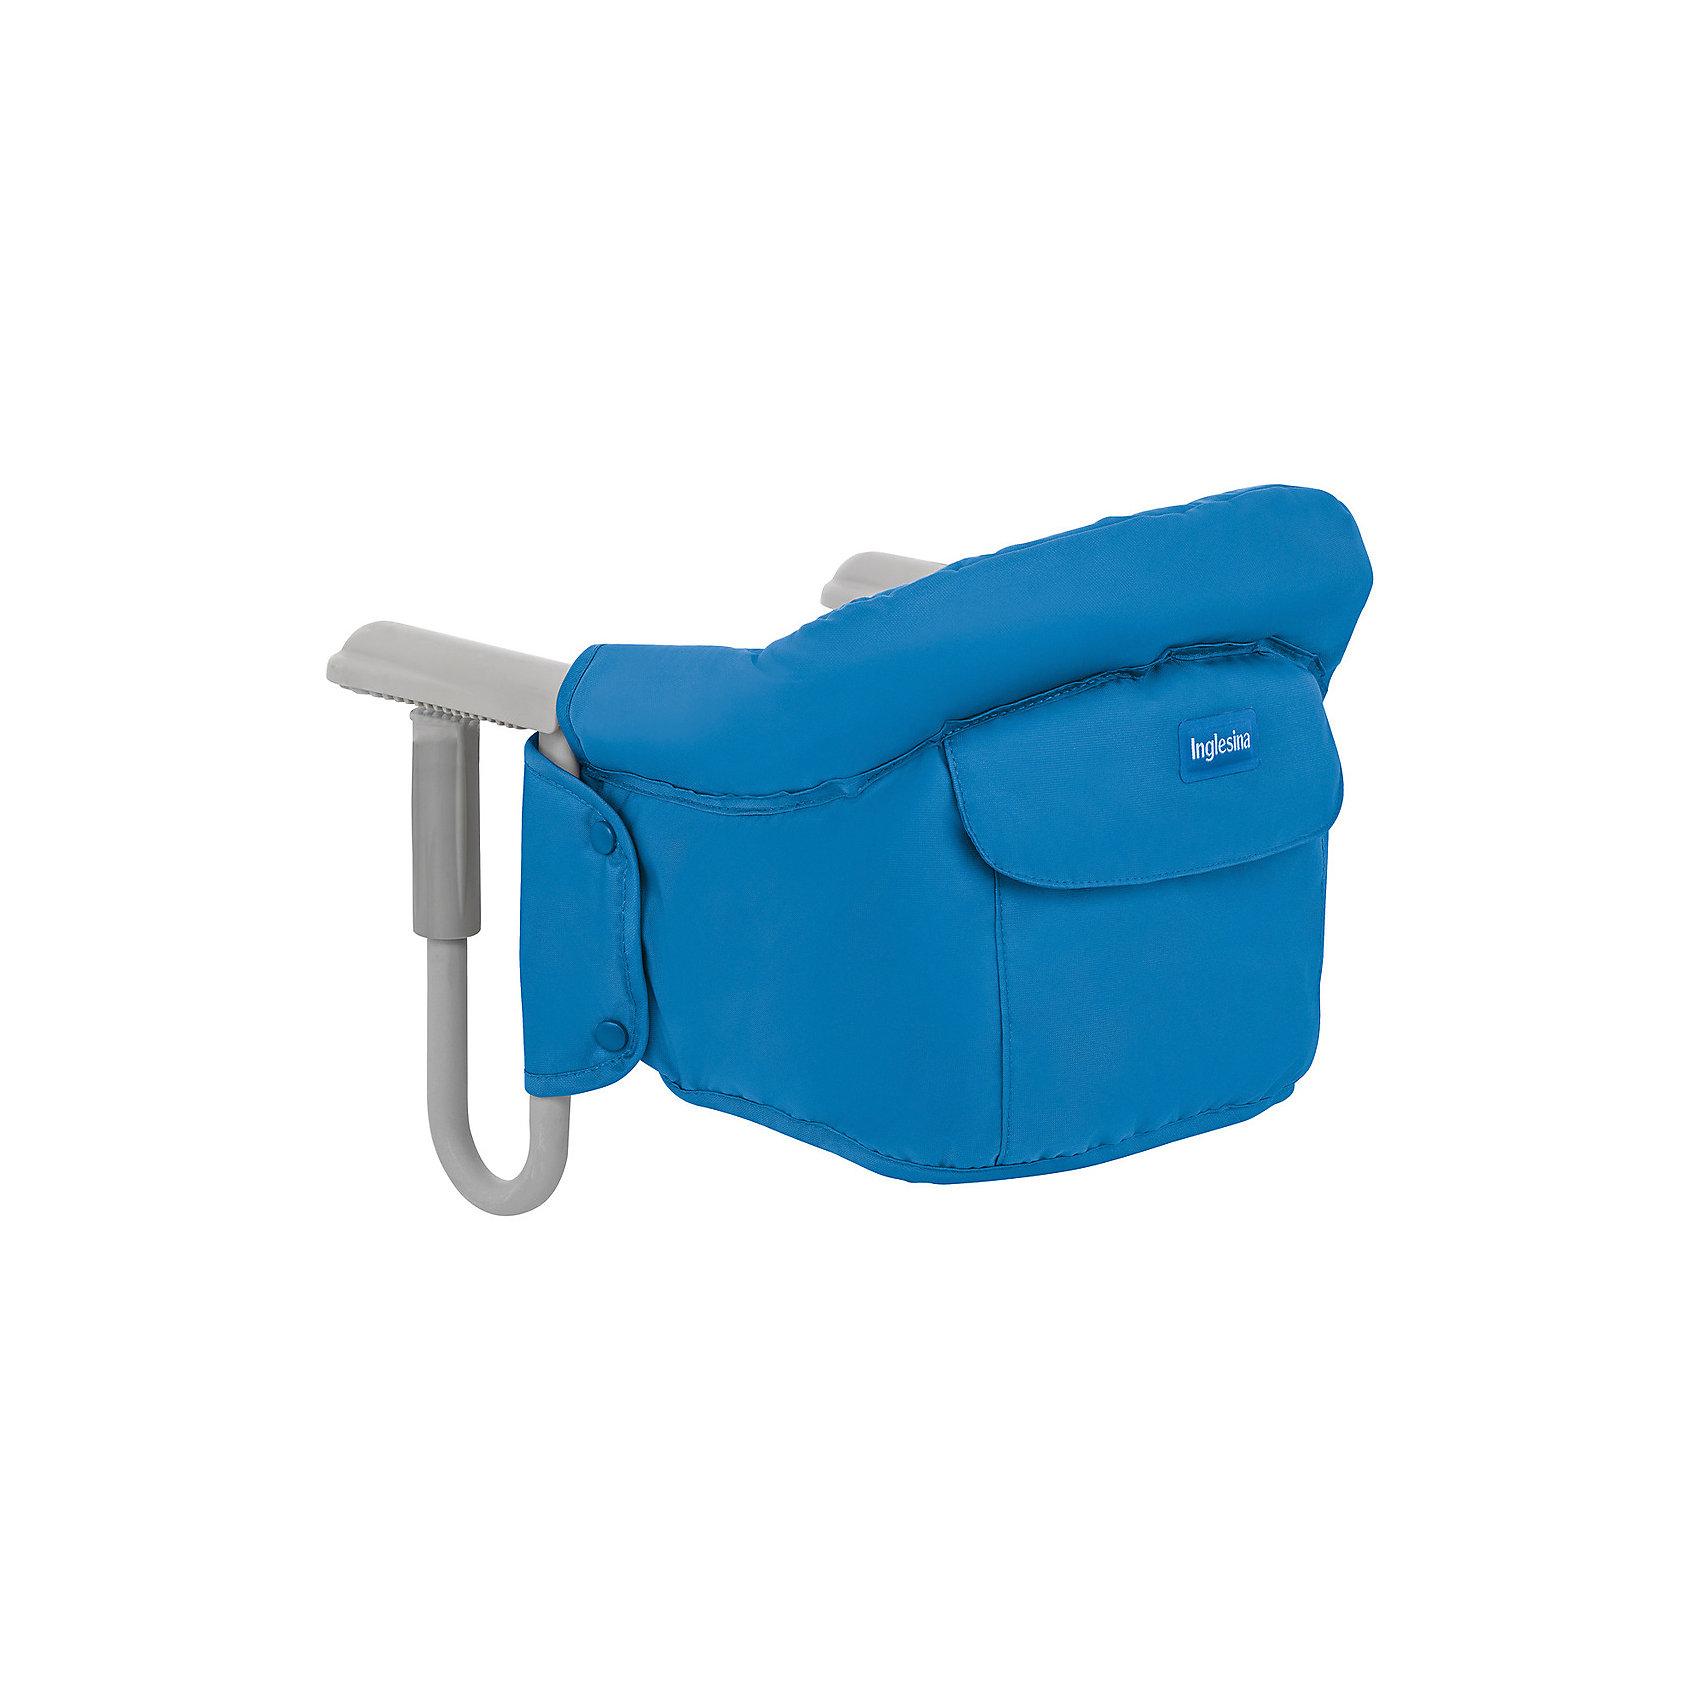 Подвесной стульчик для кормления FAST, Inglesina, голубойХарактеристики:<br><br>• Вид детской мебели: стульчик подвесной<br>• Пол: для мальчика<br>• Материал: металл, текстиль<br>• Съемная конструкция<br>• Надежные крепления <br>• Наличие 3-х точечных ремней безопасности<br>• Наличие кармашка для мелочей<br>• Наличие сумки для переноски<br>• Максимально допустимый вес: до 15 кг<br>• Размеры стульчика в собранном виде (Д*Ш*В): 28*35*40 см<br>• Размеры упаковки (Д*Ш*В): 38*40*43,5 см<br>• Вес в упаковке: 3 кг <br>• Текстильный чехол сидения можно стирать <br><br>Внимание! Основным является первое фото, последующие фотографии размещены с целью показать функционал данной модели.<br><br>Подвесной стульчик для кормления FAST, Inglesina, голубой – стульчик, предназначенный для детей, которые умеют сидеть. Стульчик имеет подвесную конструкцию, которая надежно крепится к столу. Каркас выполнен из прочного металла, сиденье – из текстиля, который можно стирать. При небольших габаритах и легком весе стульчик выдерживает вес ребенка до 15 кг. Подвесной стульчик для кормления FAST, Inglesina, голубой – не только идеальный вариант для малогабаритных квартир, но и для дальних поездок или для дачи.<br><br>Подвесной стульчик для кормления FAST, Inglesina, голубой можно купить в нашем интернет-магазине.<br><br>Ширина мм: 370<br>Глубина мм: 340<br>Высота мм: 110<br>Вес г: 236<br>Цвет: голубой<br>Возраст от месяцев: 6<br>Возраст до месяцев: 36<br>Пол: Мужской<br>Возраст: Детский<br>SKU: 5122073